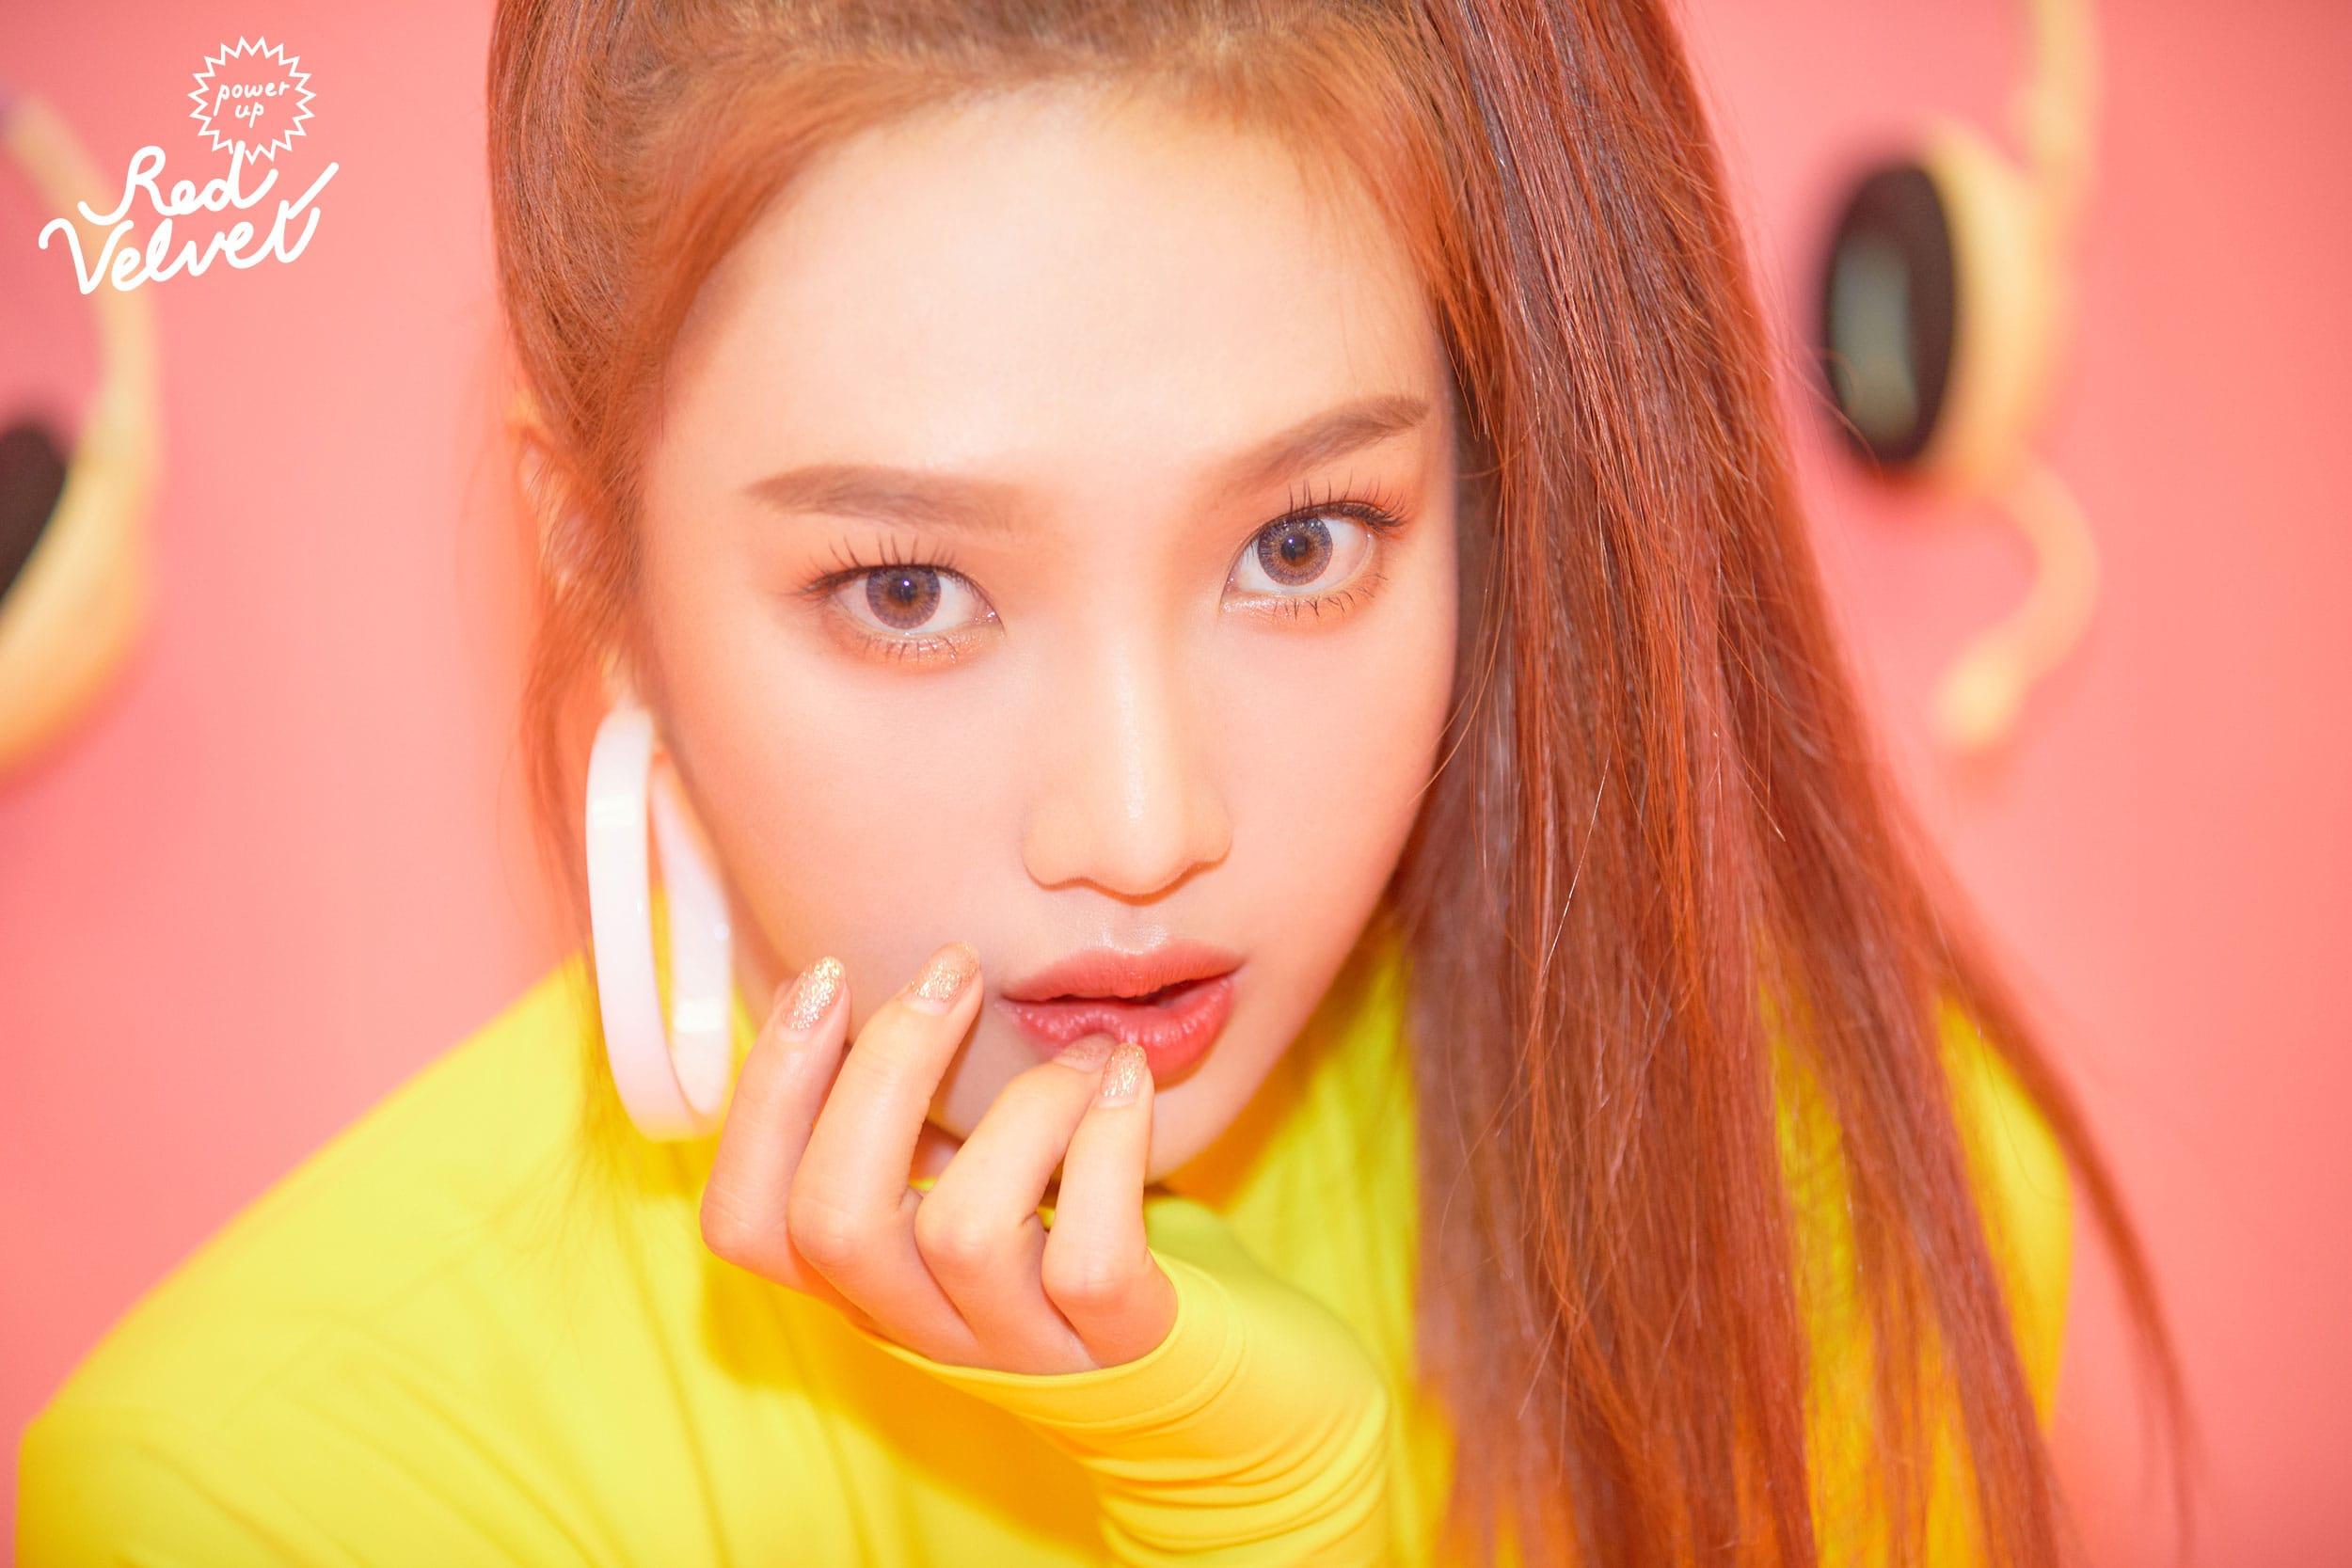 Red Velvet Bilder Joy S Teaser Image For Summer Magic Hd